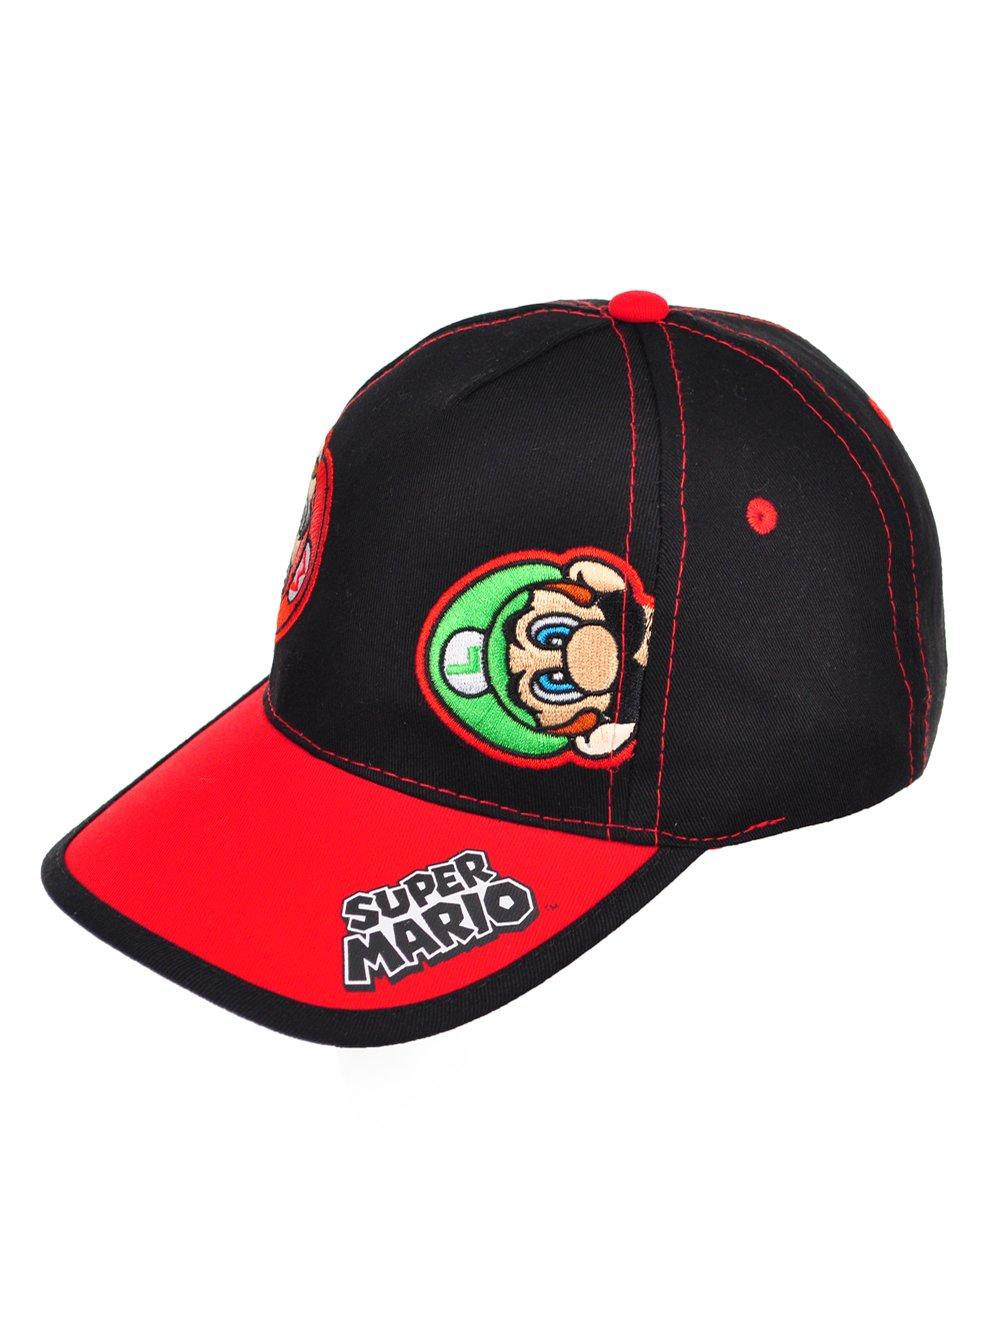 6632bdd7310f8 Get Quotations · Super Mario Boys  Baseball Cap